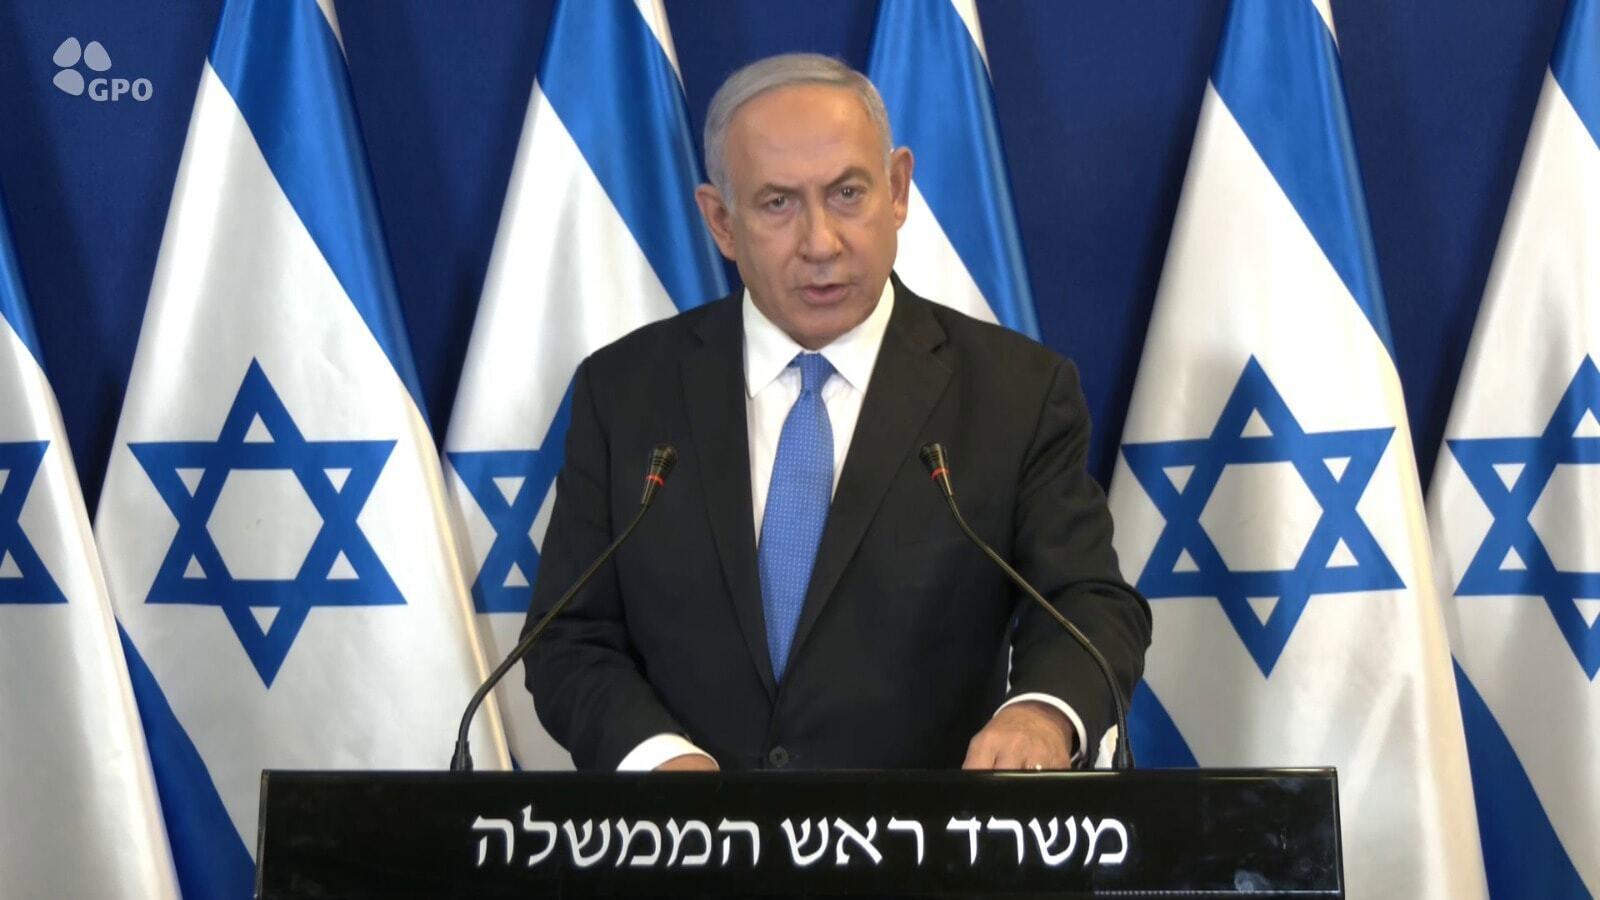 """Нетаньяху заявил, что военная операция против ХАМАСа """"продолжается в полную силу"""""""